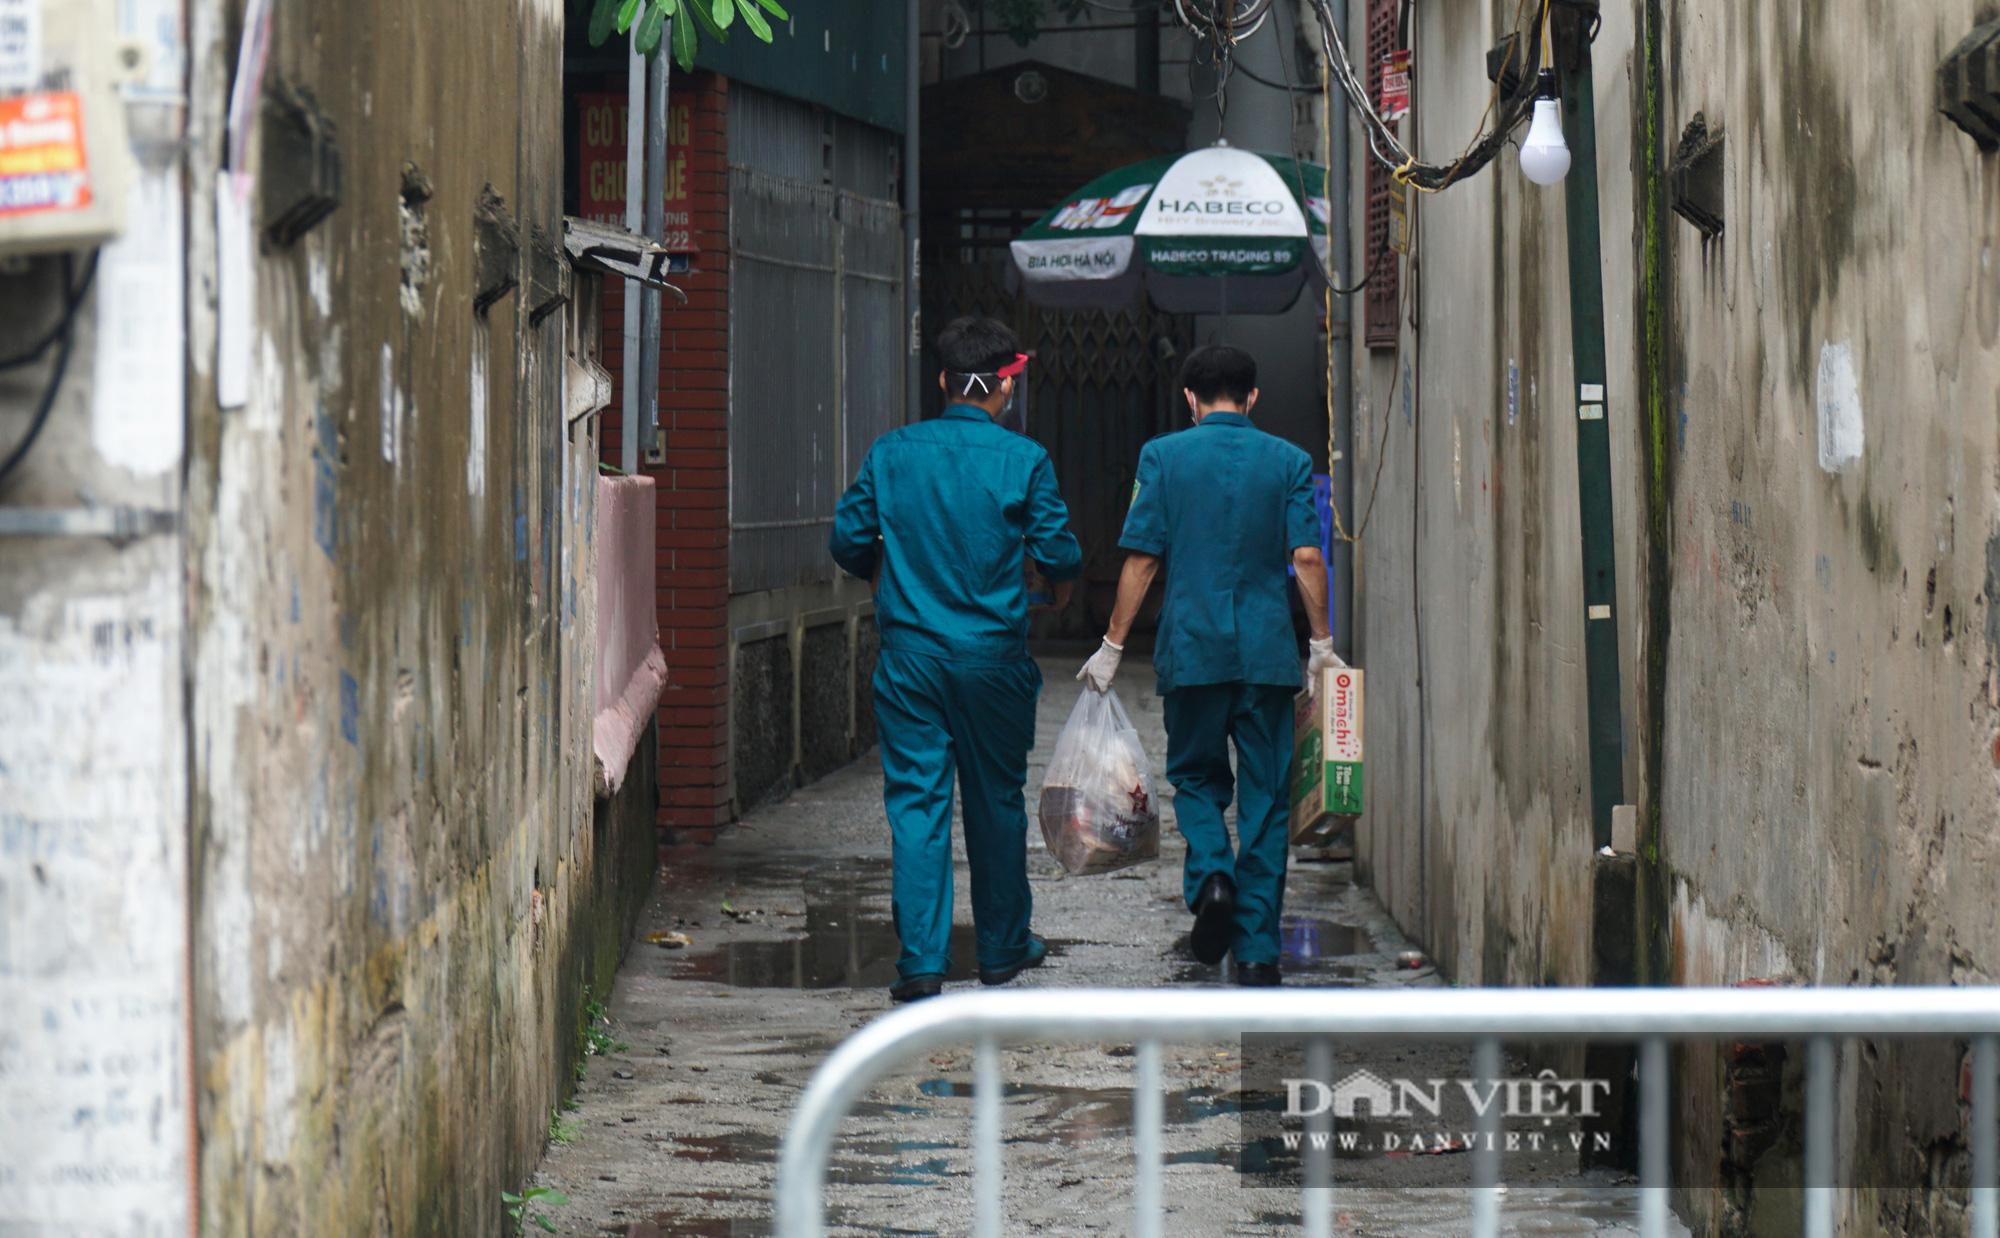 Mang gạo, mỳ tôm, thịt gà tiếp tế cho người dân trong khu phố Kiều Mai bị phong toả - Ảnh 7.